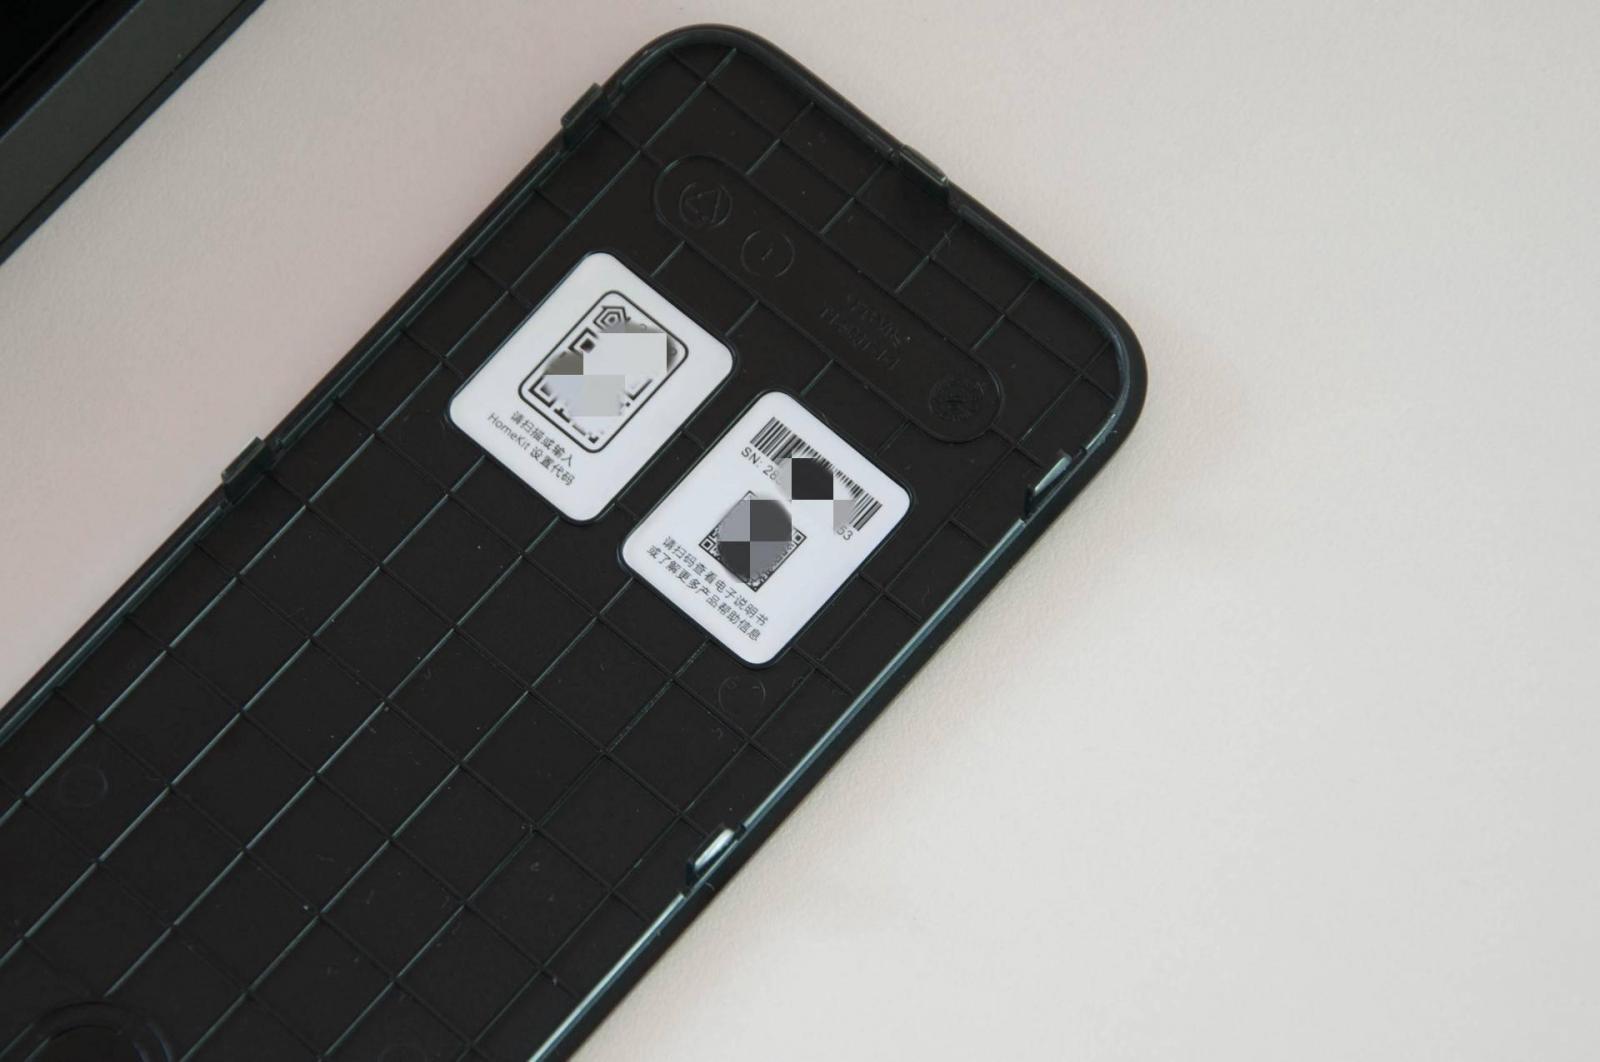 小米全自动智能门锁,7种开锁方式+10重安全防护,一触即开门